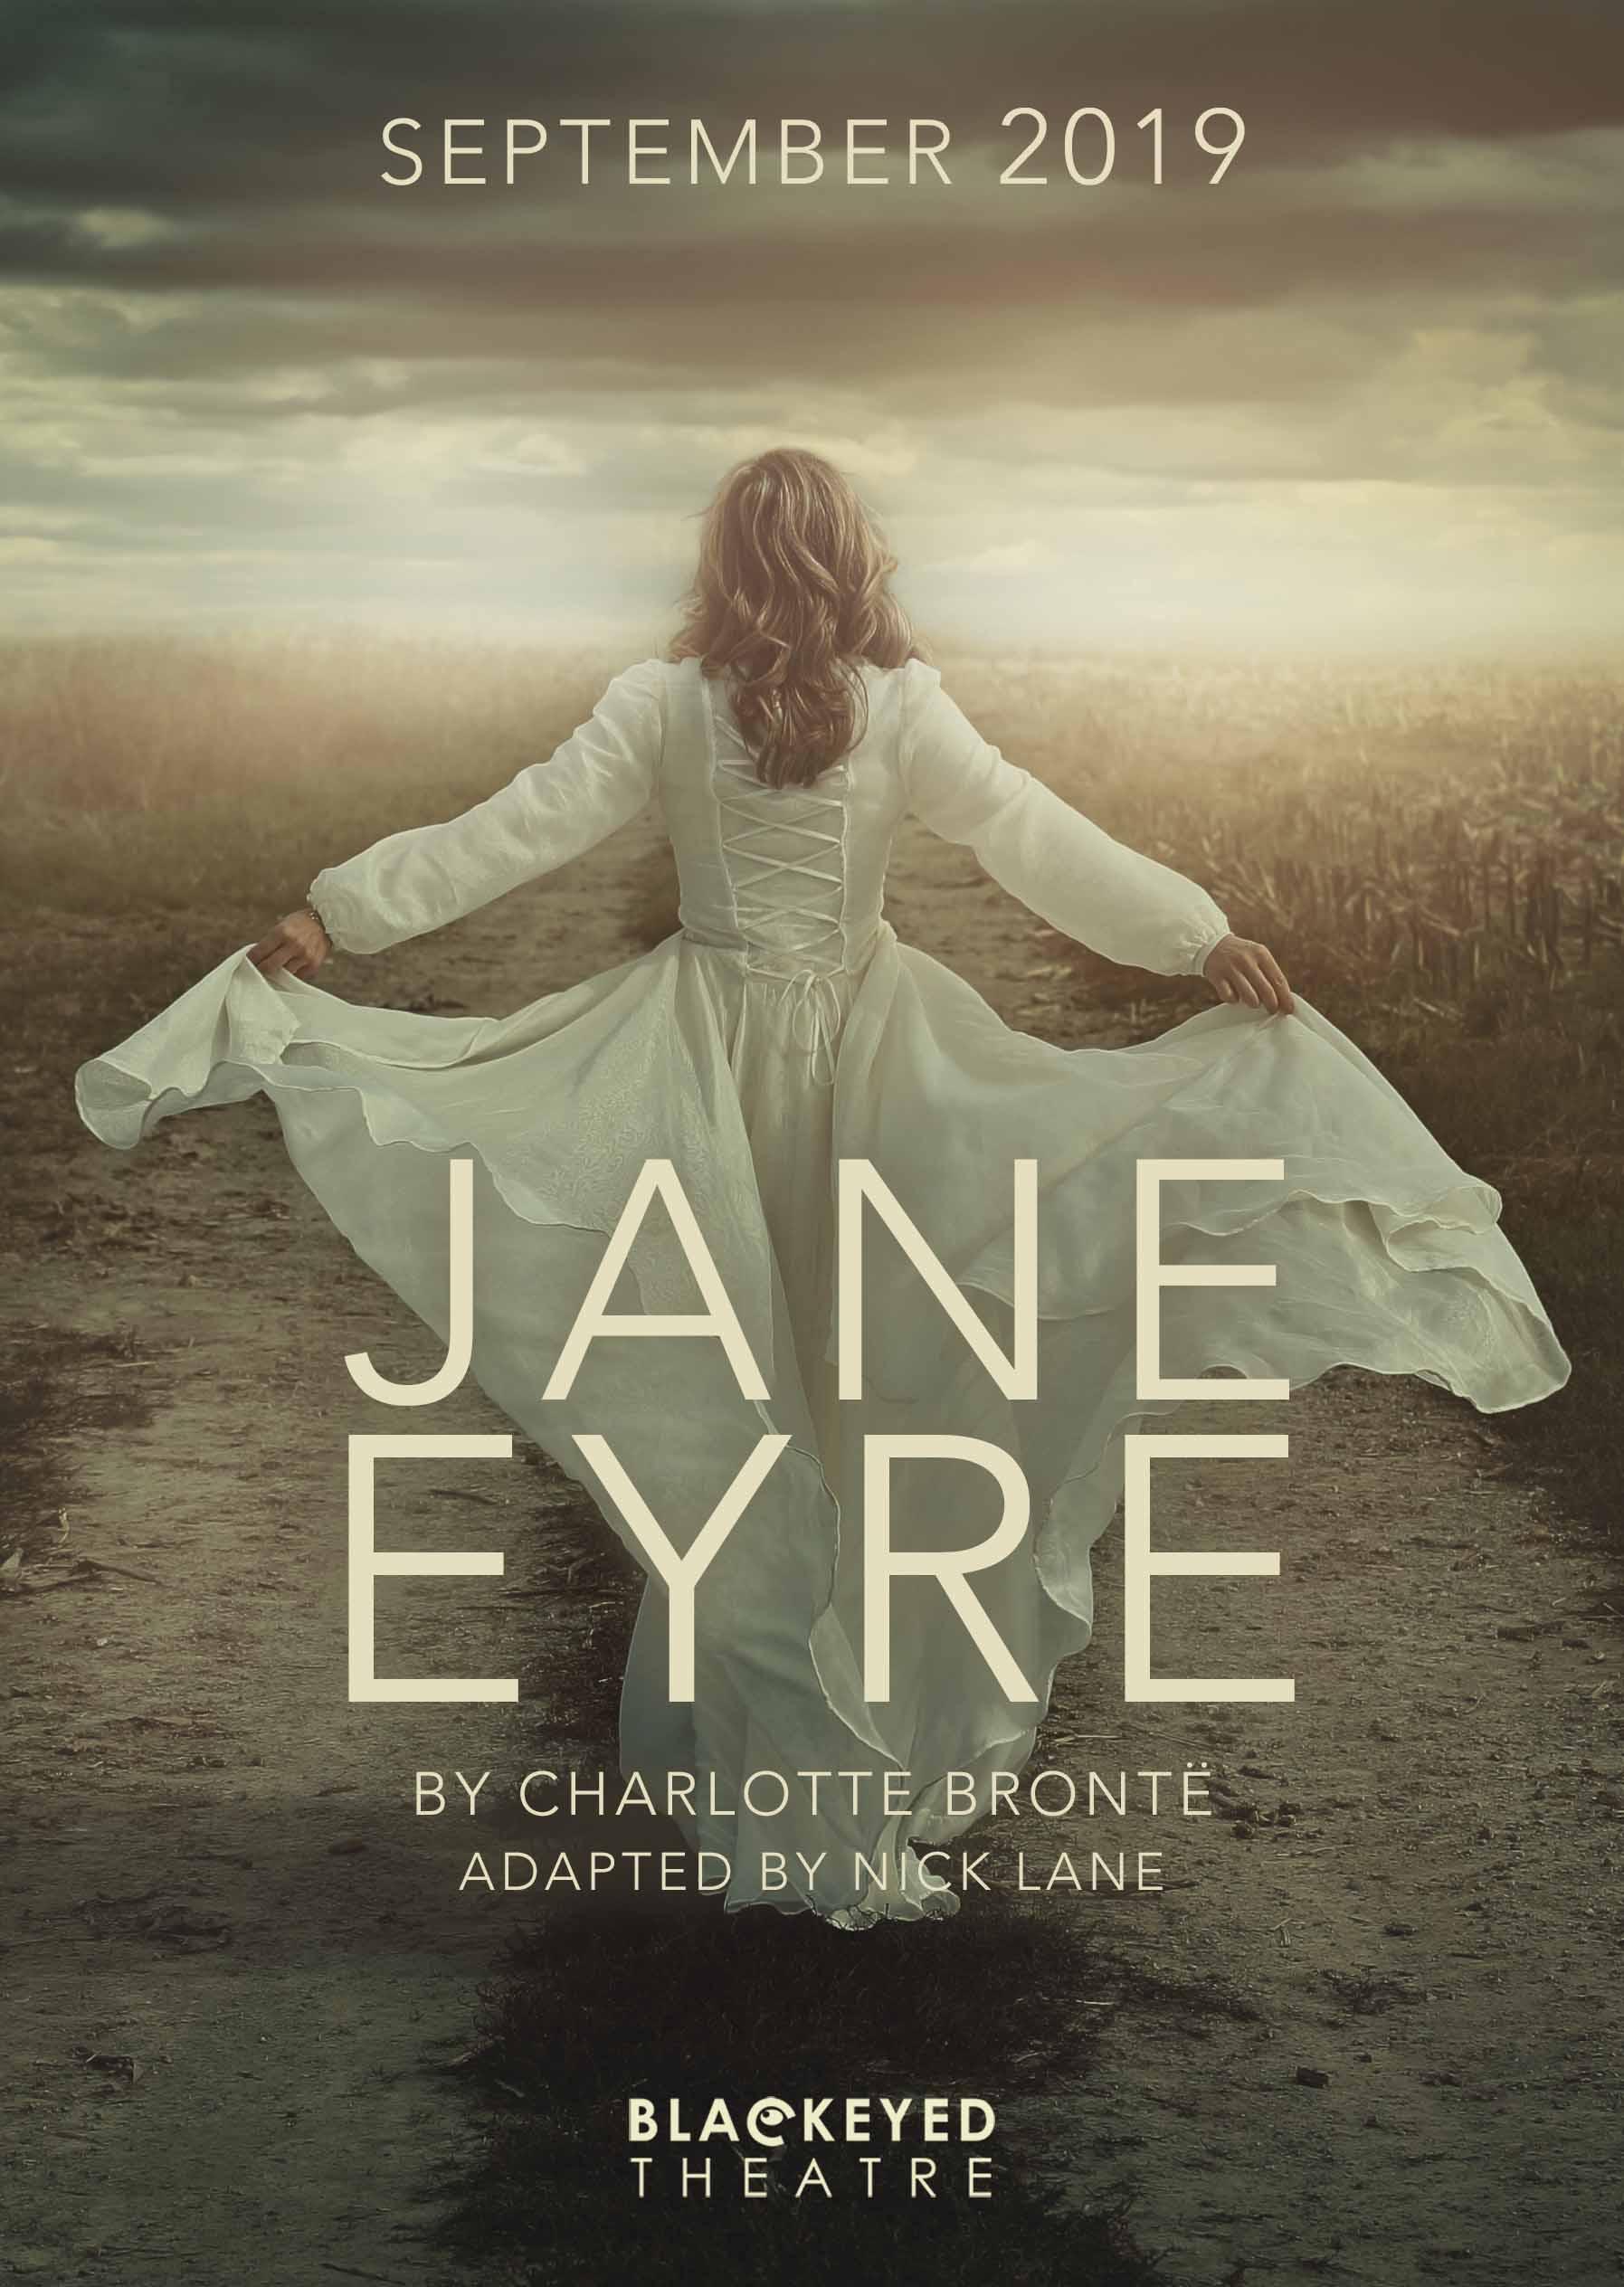 Jane Eyre Image WEB